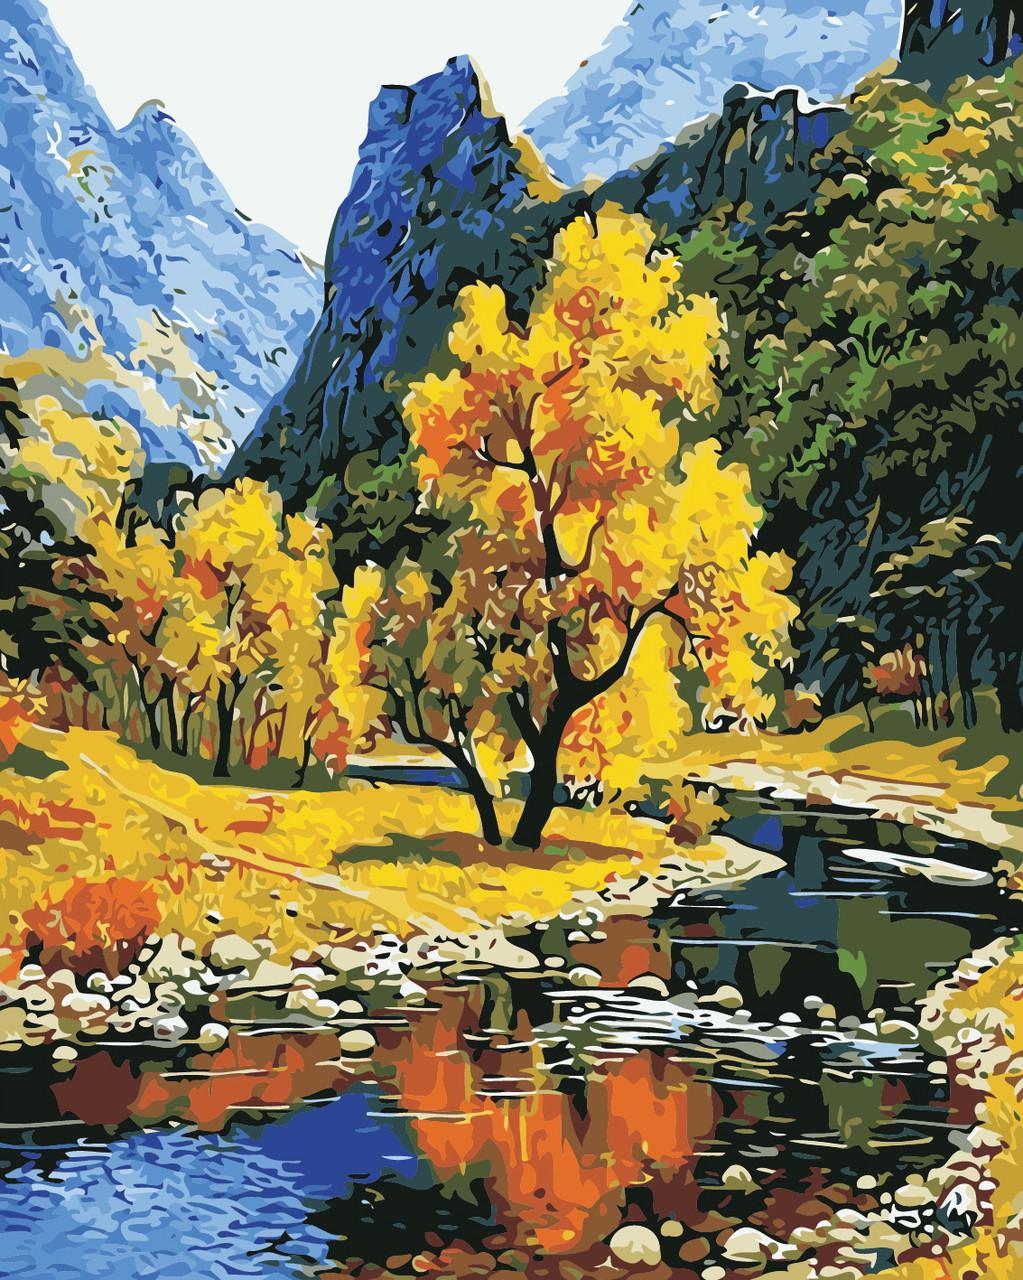 Художественный творческий набор, картина по номерам Осень в горах, 40x50 см, «Art Story» (AS0384)